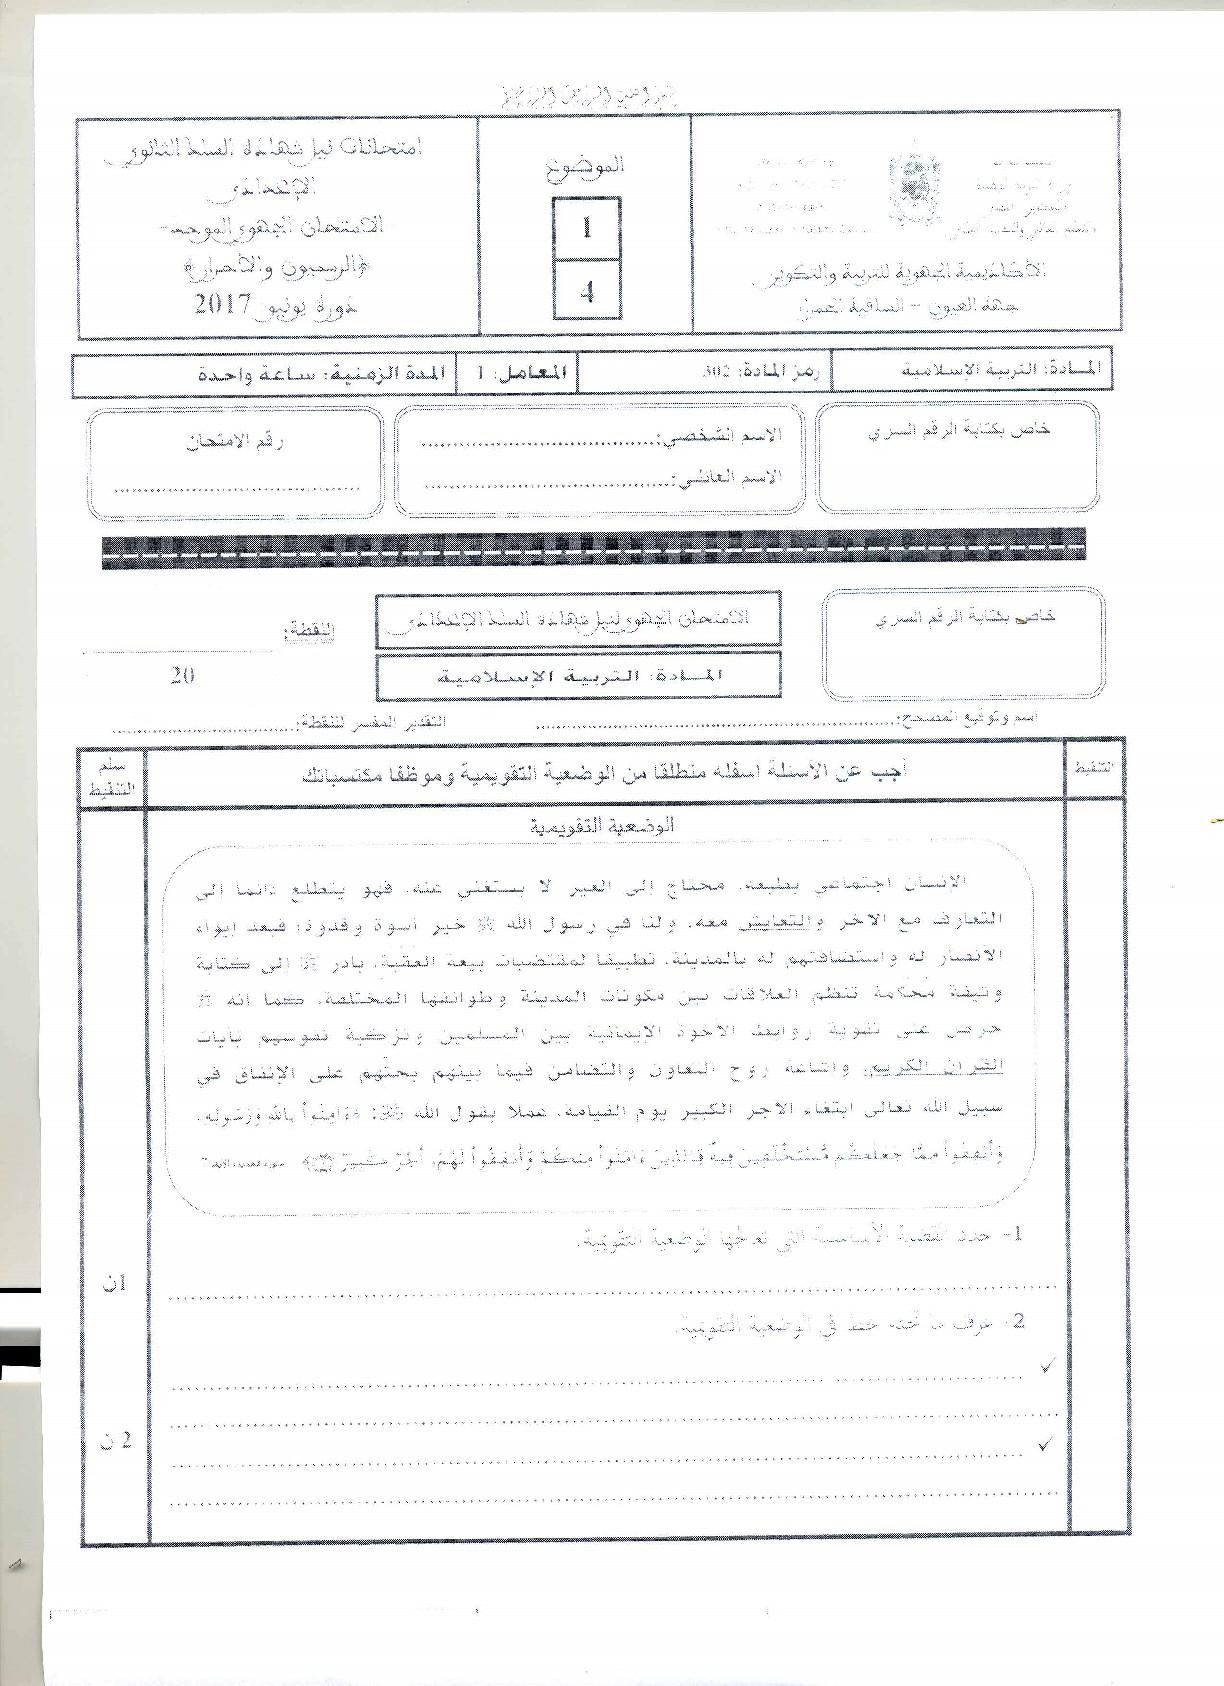 الامتحان الجهوي في التربية الإسلامية للسنة الثالثة اعدادي 2017 مع التصحيح